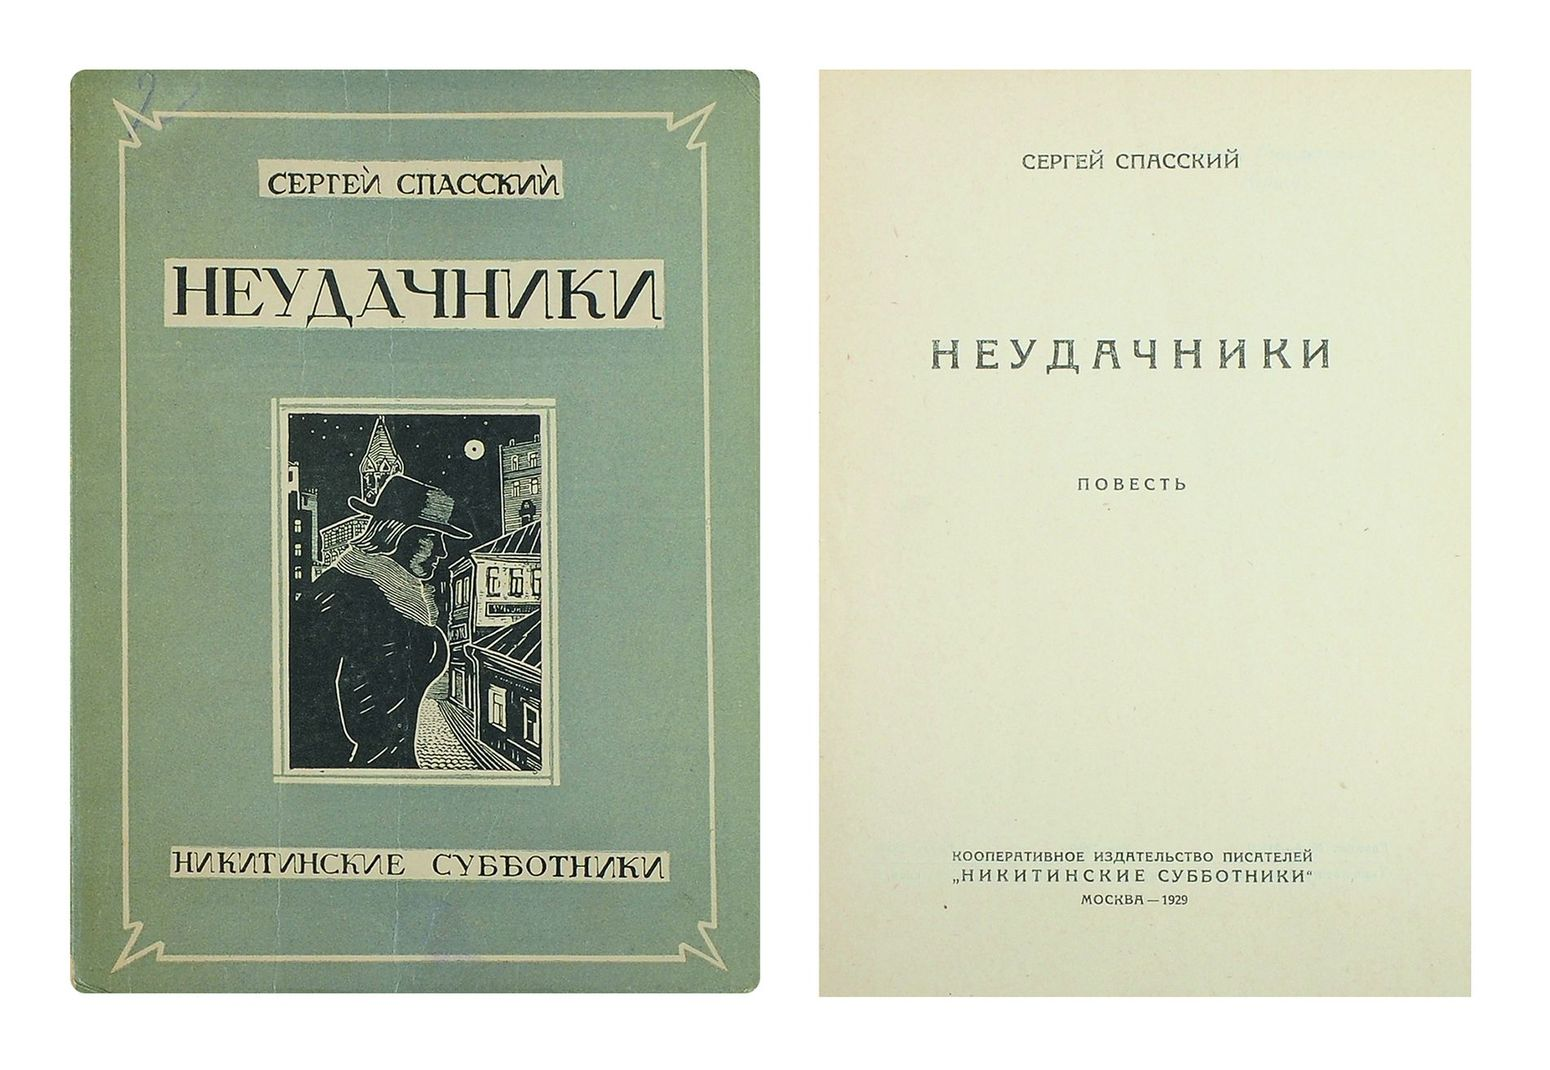 1880 - 1928, и а белоусов, никитинские субботники 1928 г